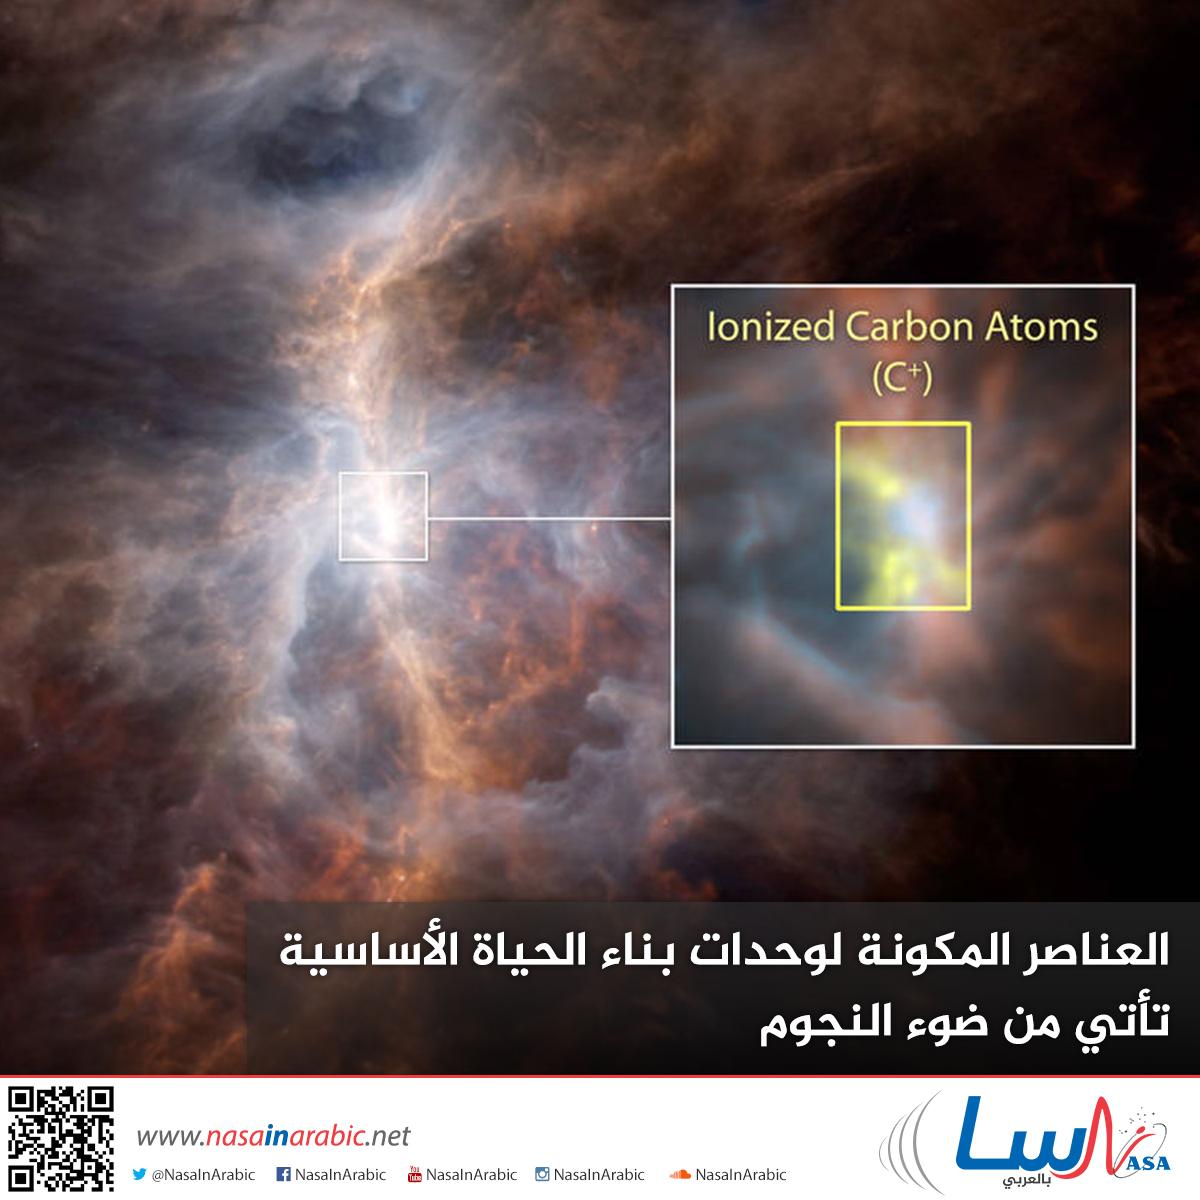 العناصر المكونة لوحدات بناء الحياة الأساسية تأتي من ضوء النجوم!